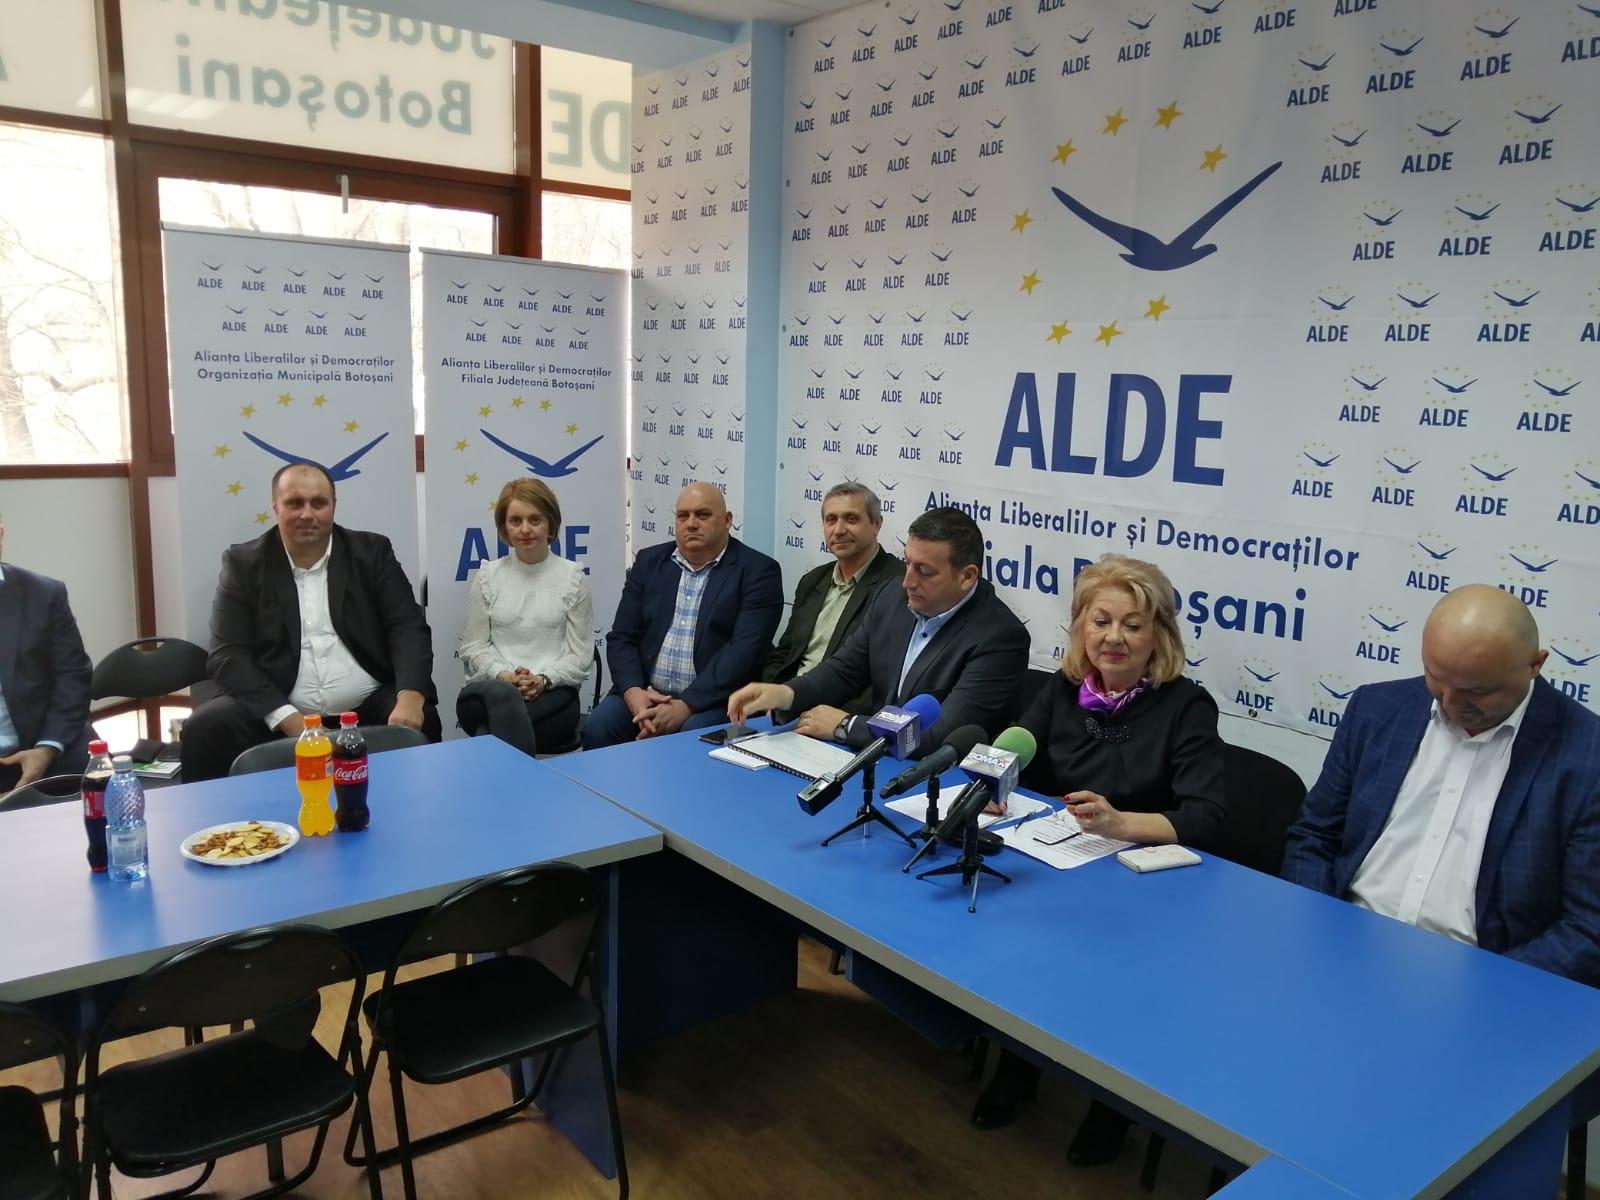 Încă nouă candidați pentru primării au fost astăzi prezentați la sediul ALDE Botoșani